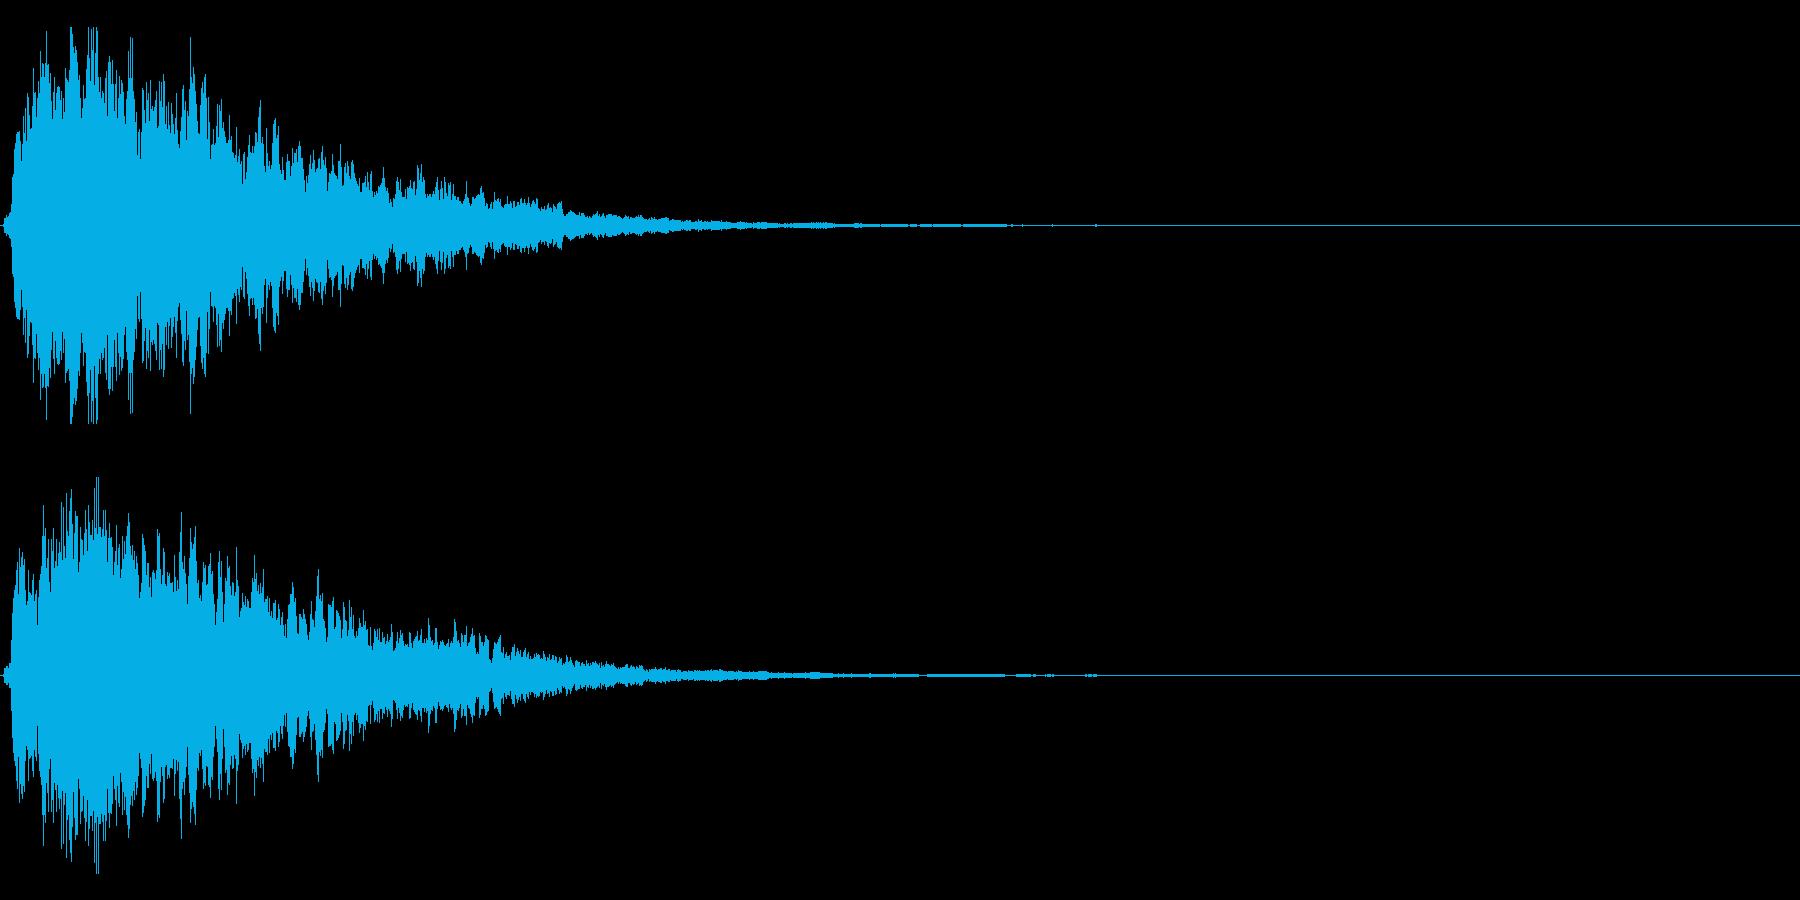 キラキラ輝く テロップ音 ボタン音!3cの再生済みの波形